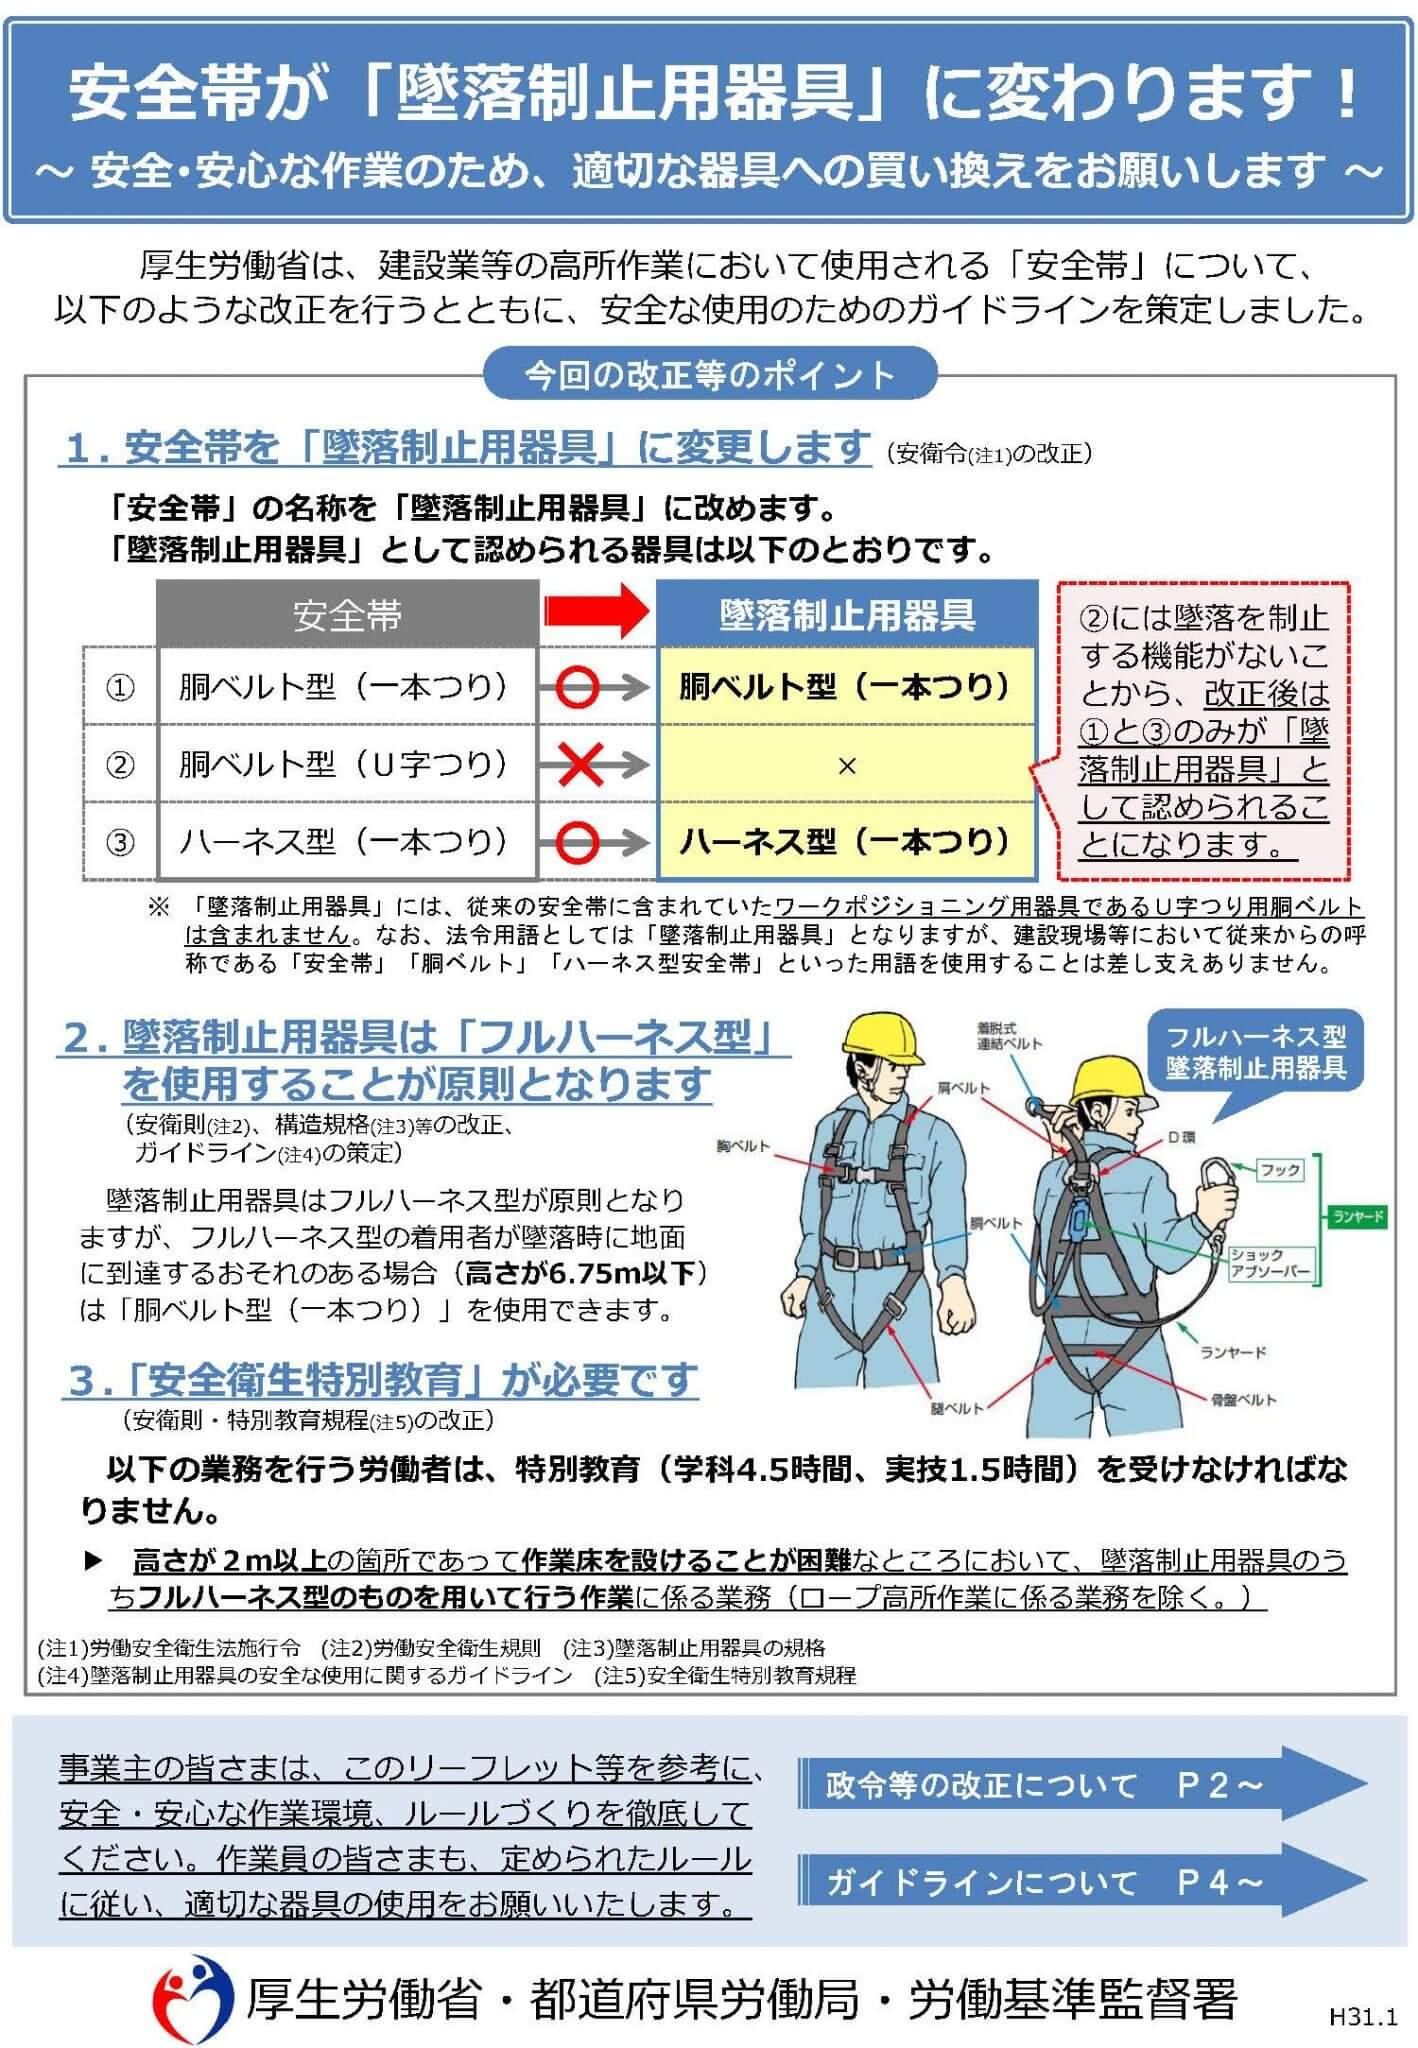 フルハーネス型墜落制止用器具の着用義務化